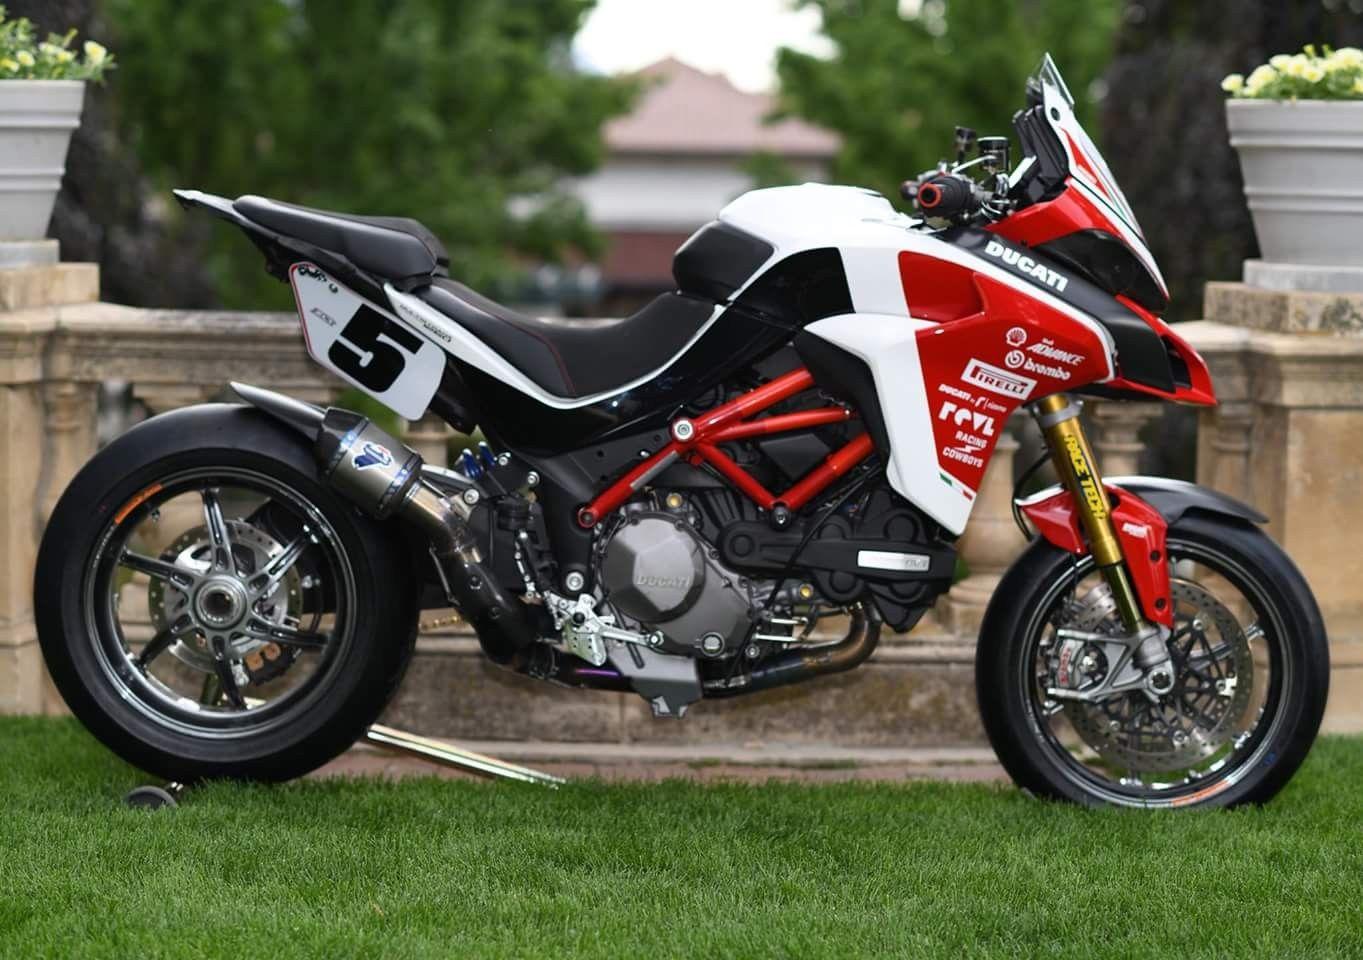 Ducati Multistrada 1260 Pikes Peak : présentation, fiche technique, prix